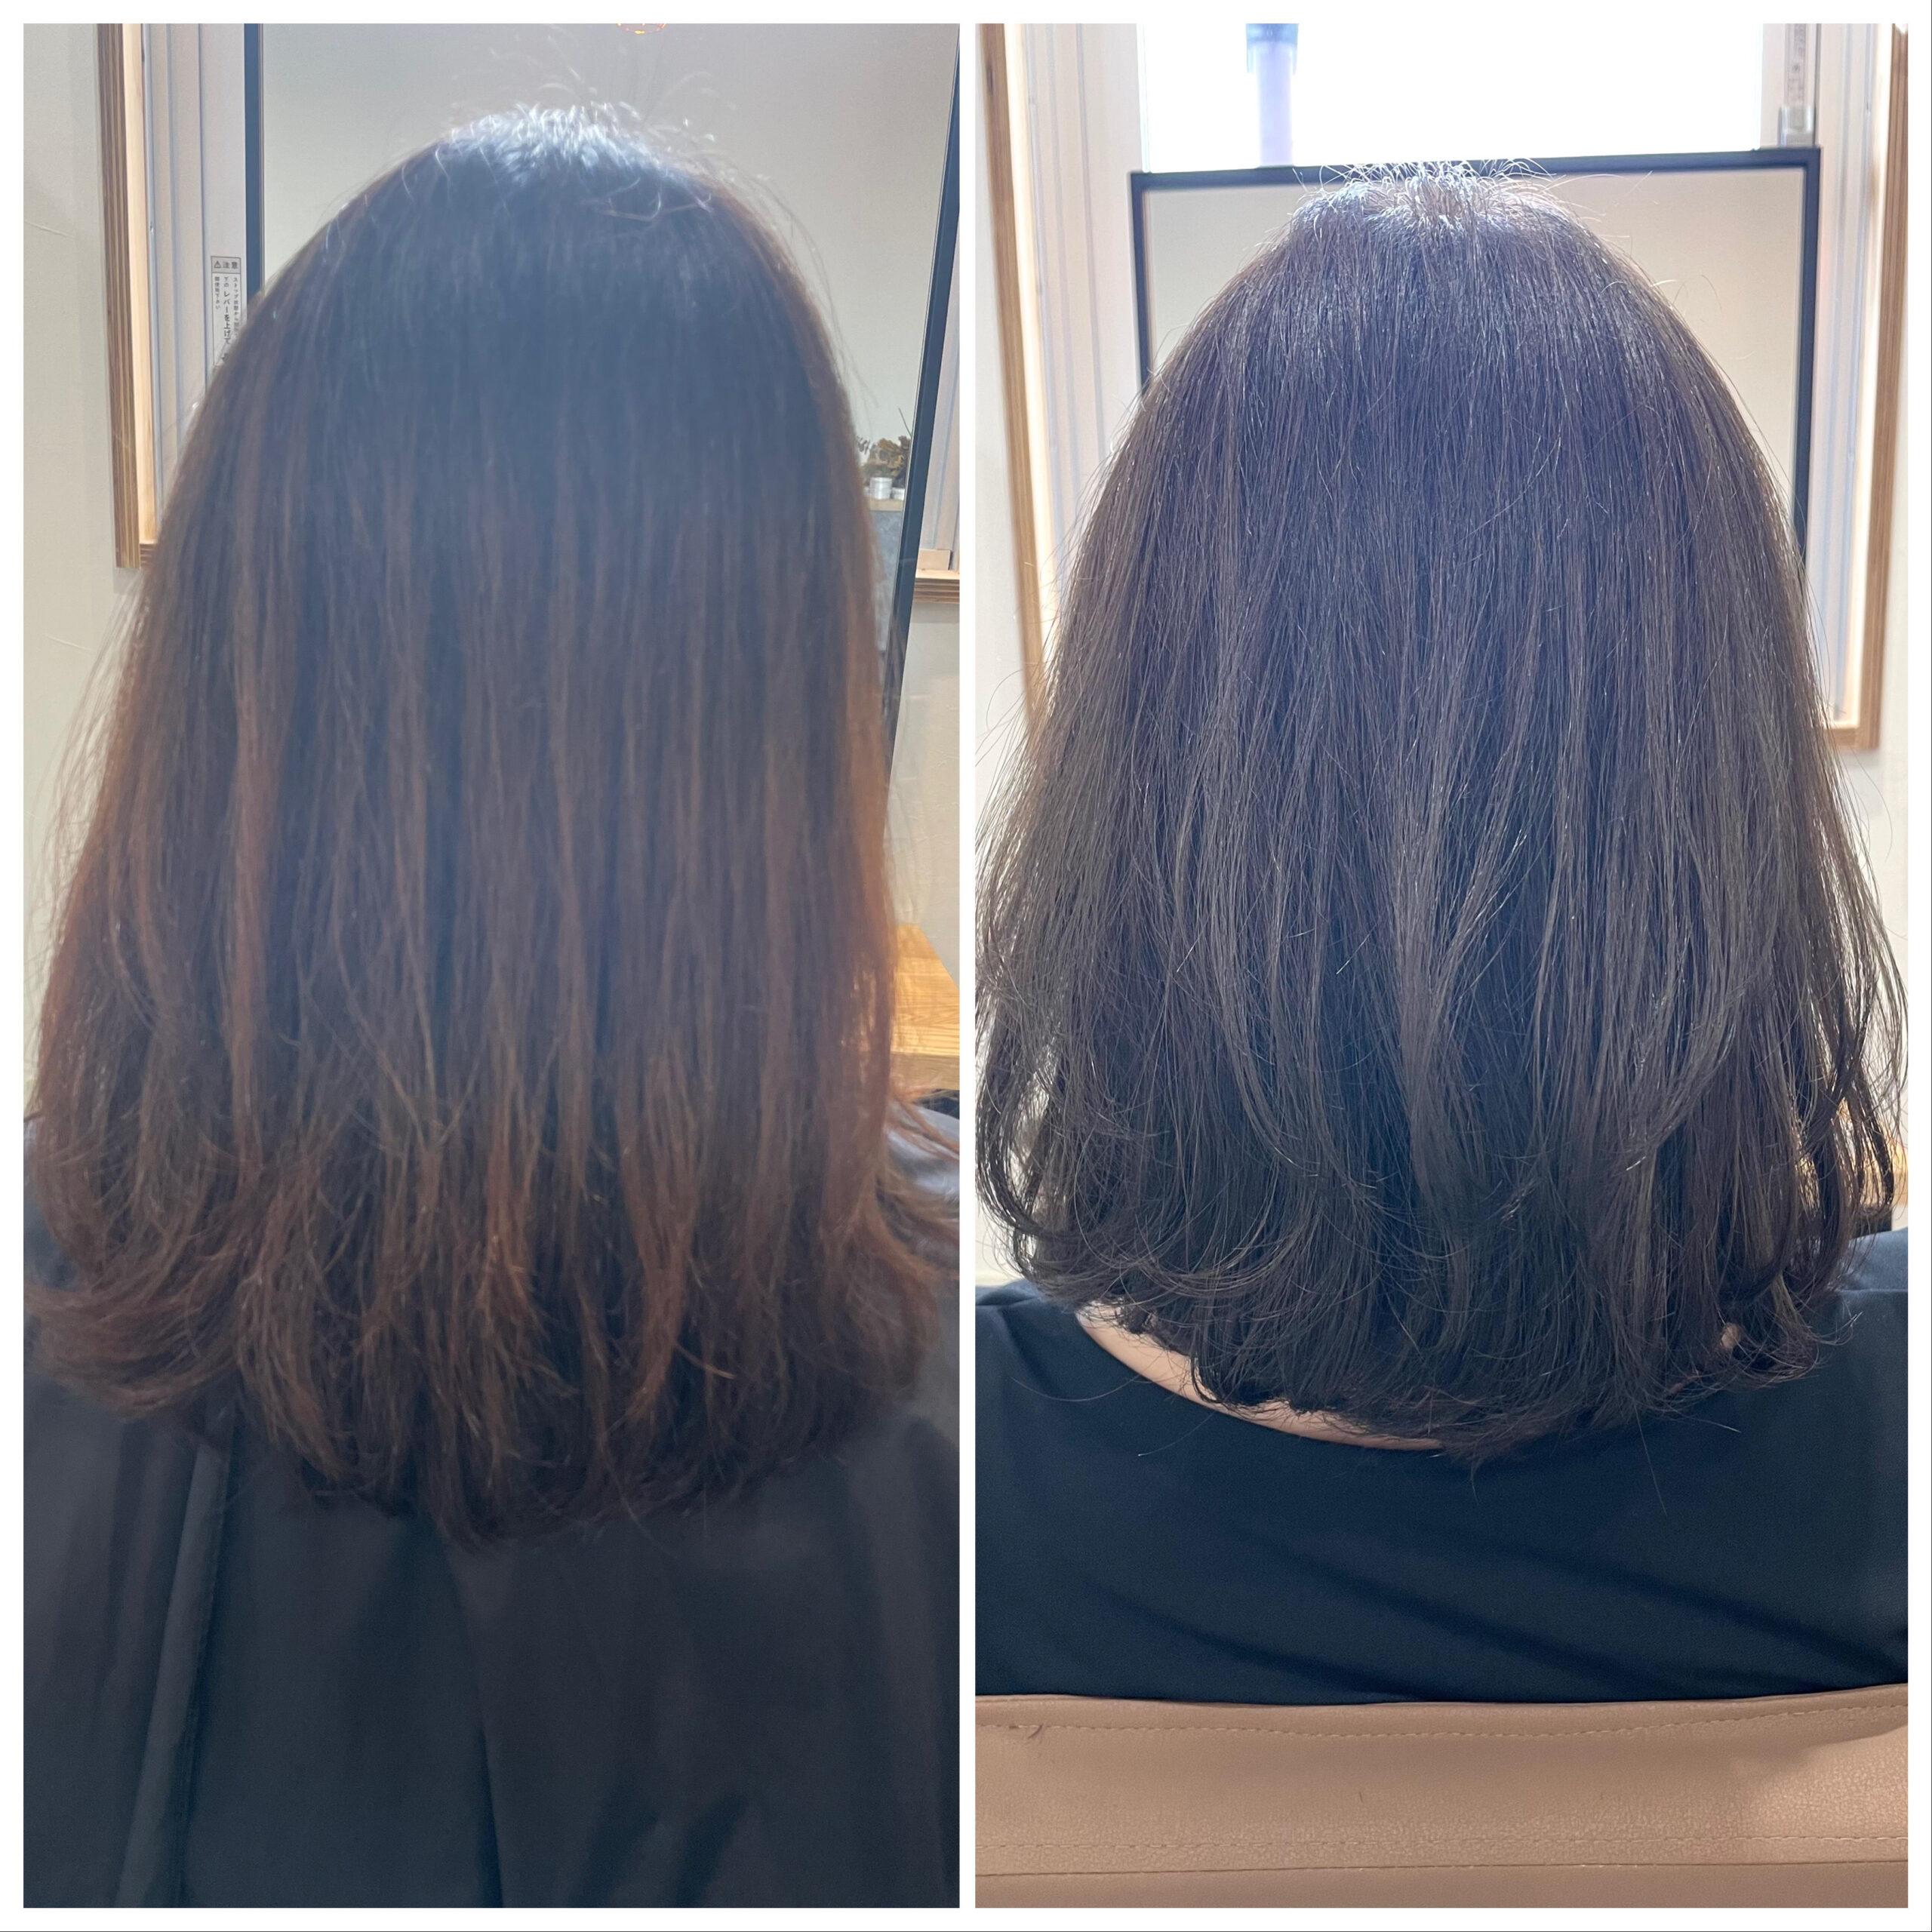 大分県別府市 オレンジっぽくなる髪色を解消『アッシュグレージュのヘアカラー』 ビフォーアフター